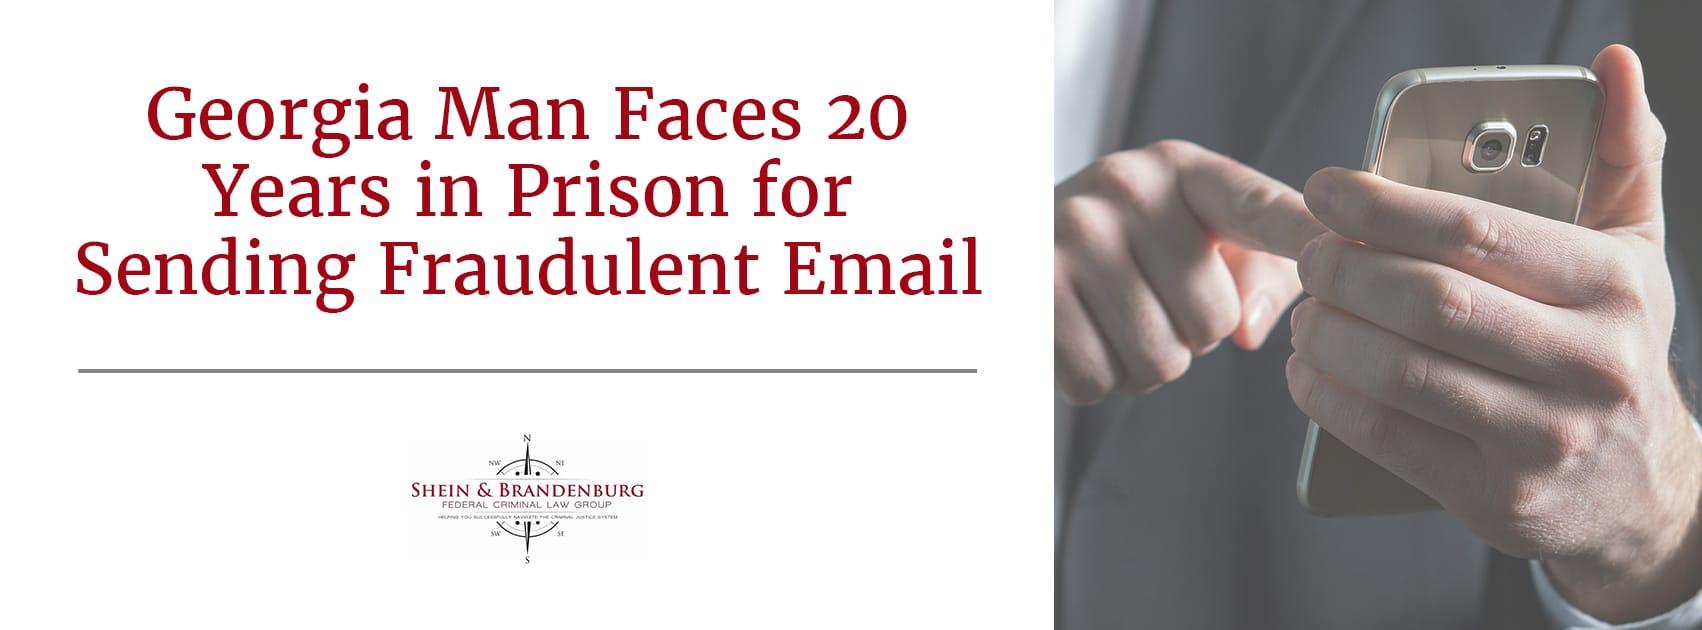 Prison for Sending Fraudulent Email | Federal Criminal Law Center